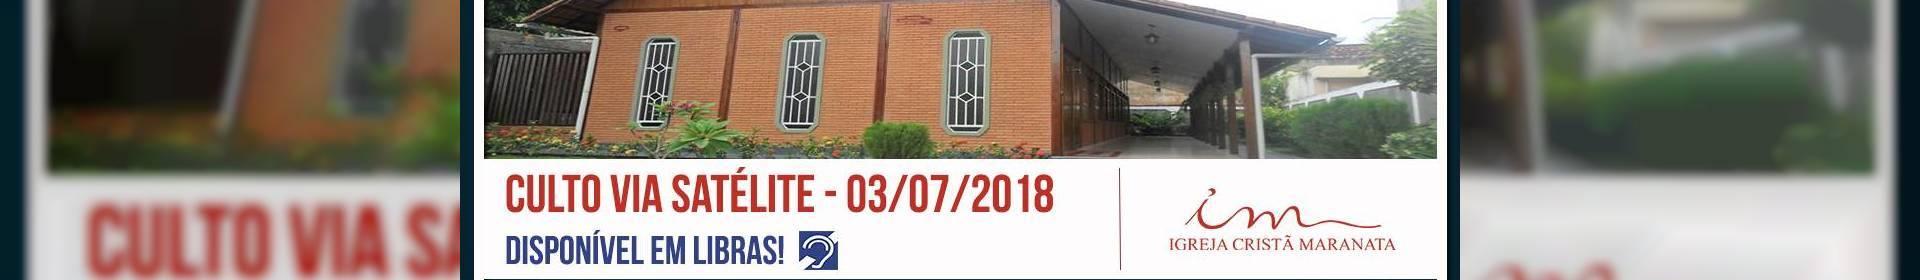 Culto via satélite da Igreja Cristã Maranata - 03/07/2018